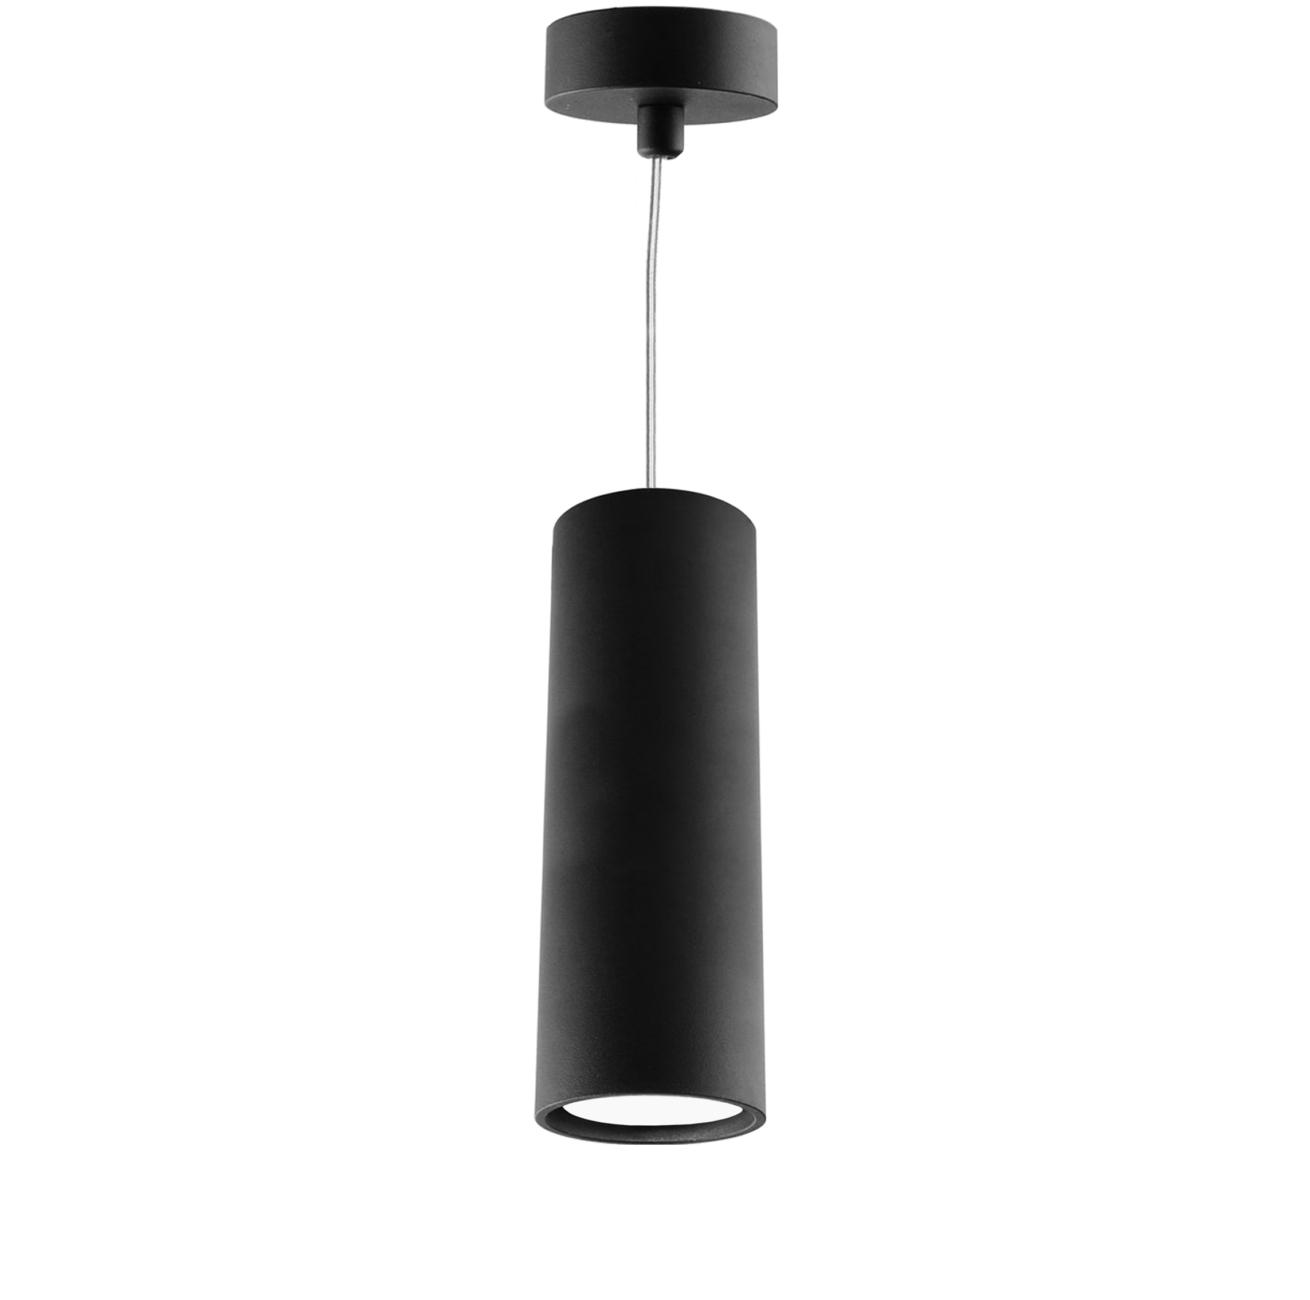 Светильник Stick 80-400мм. 4000К/3000К. 11W купить во Владимире